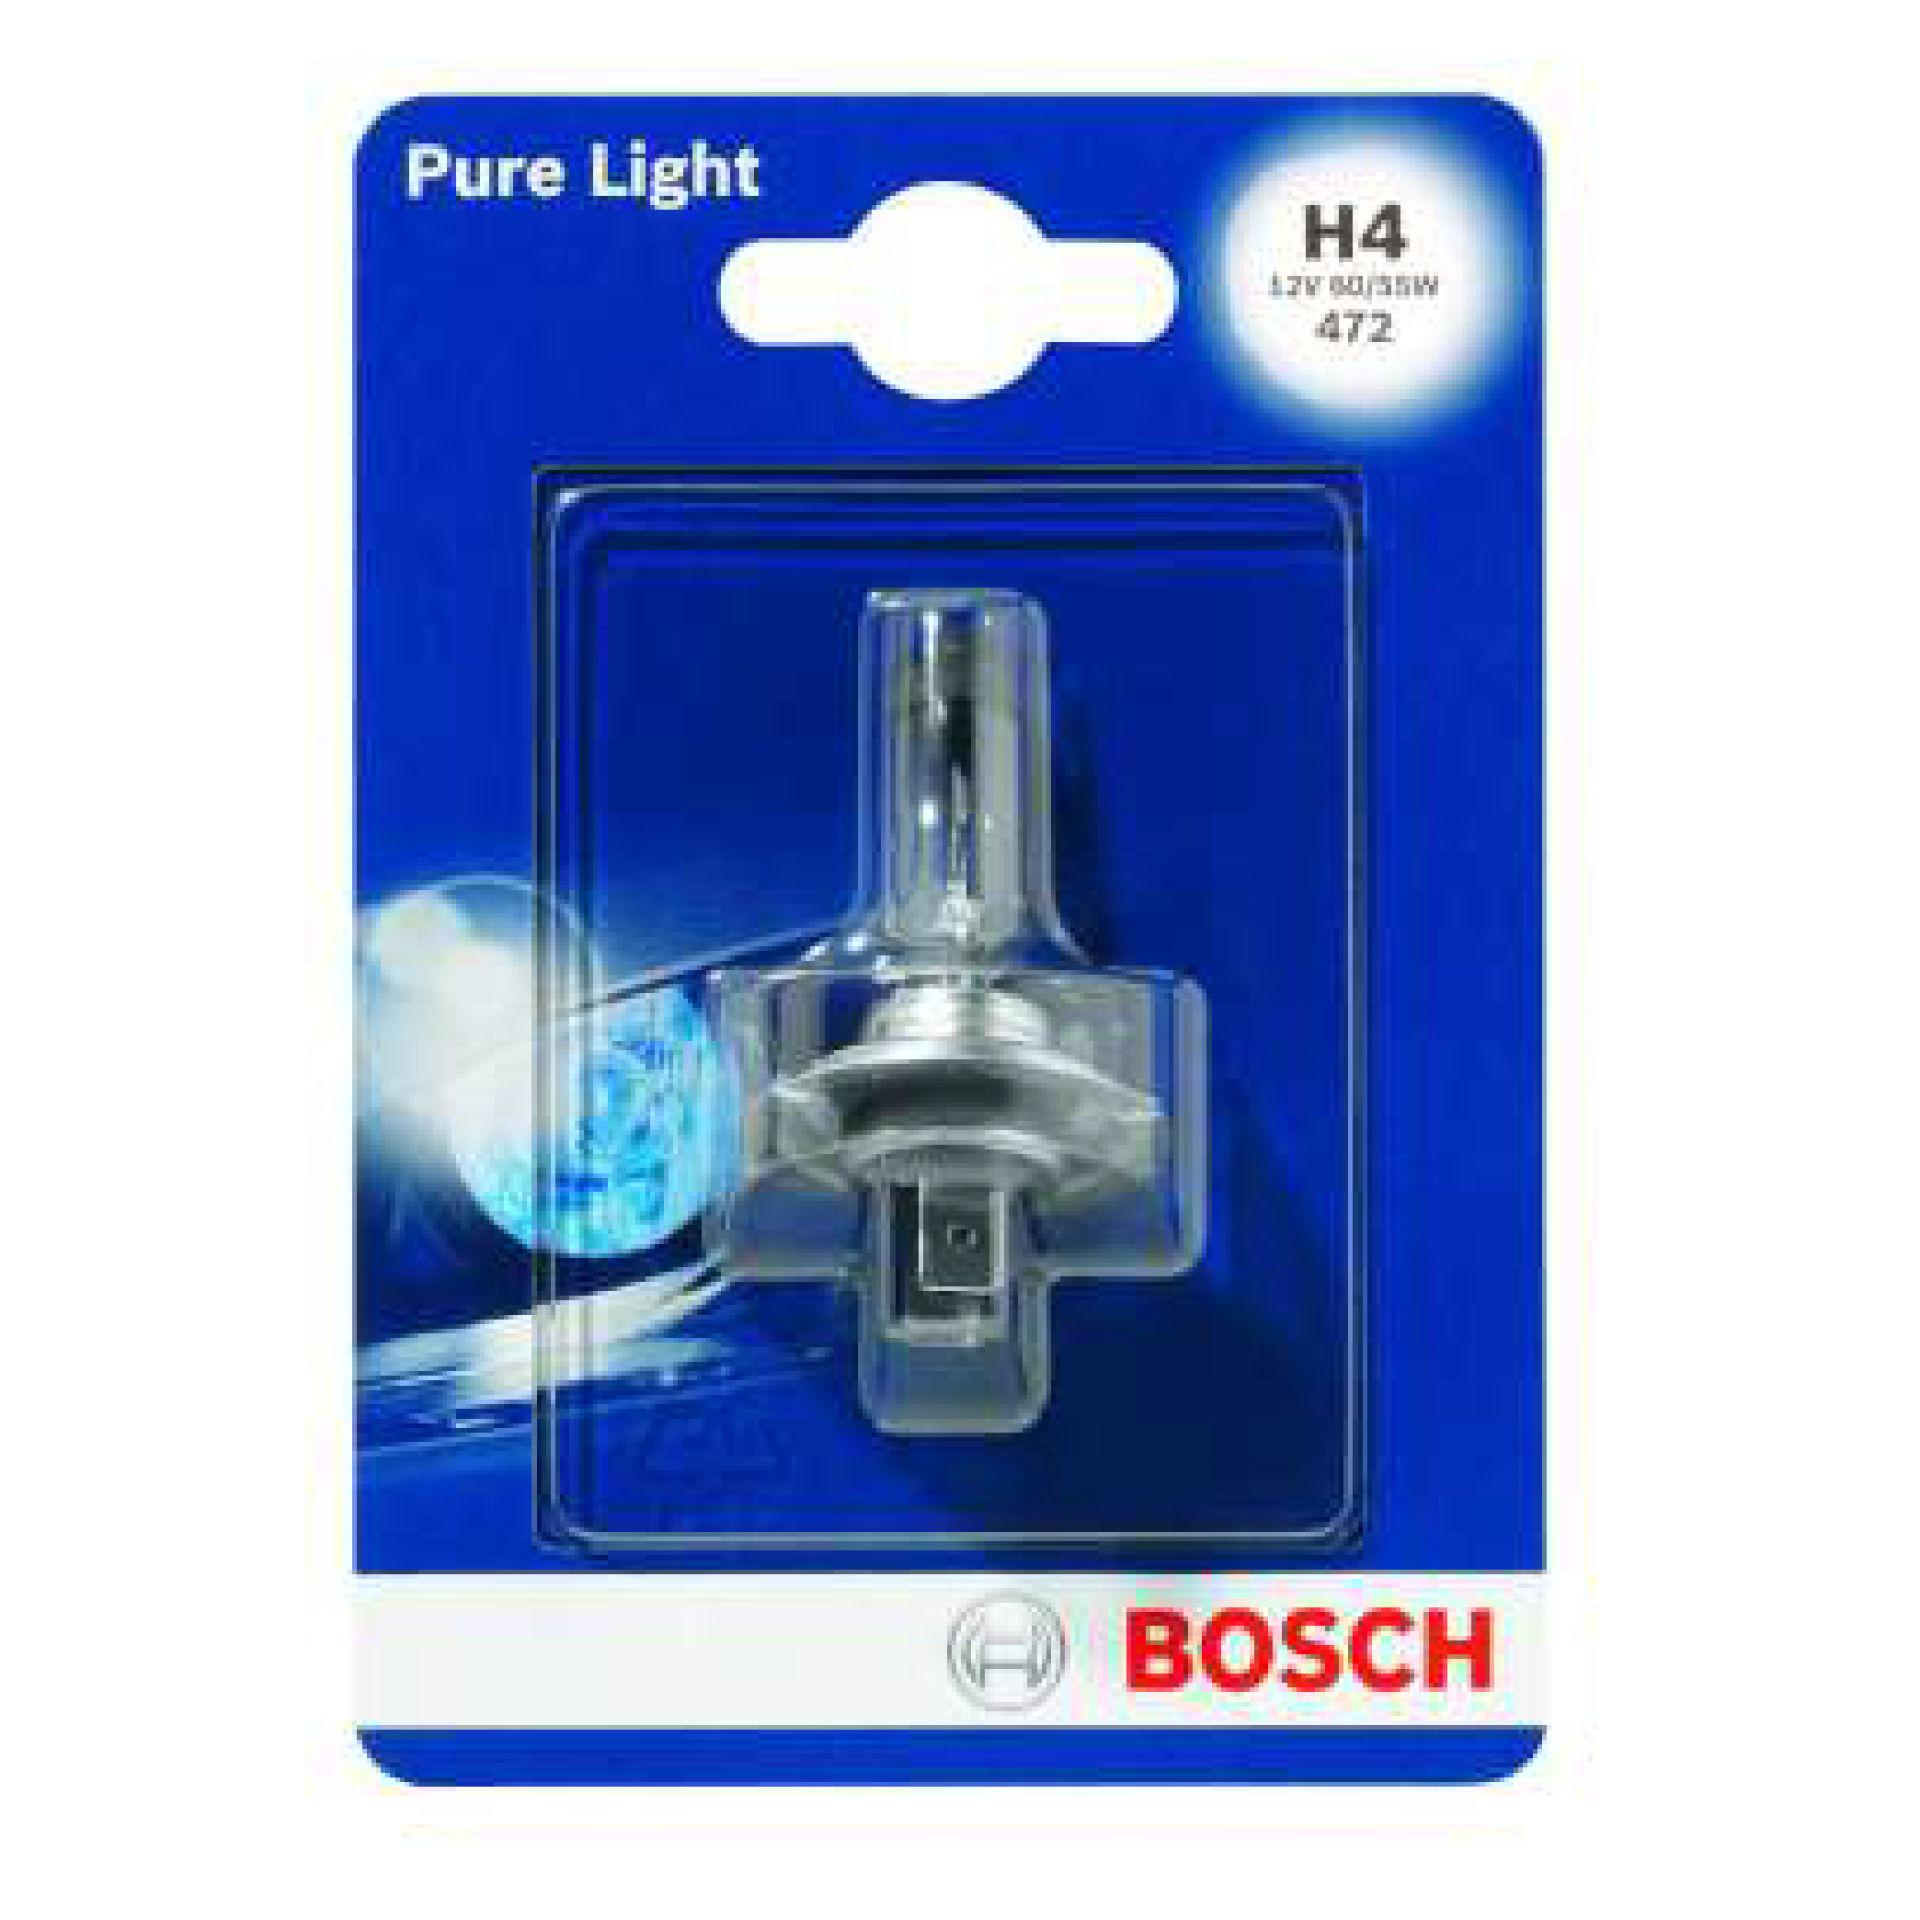 BOSCH 1 LAMP H4 001Bosch